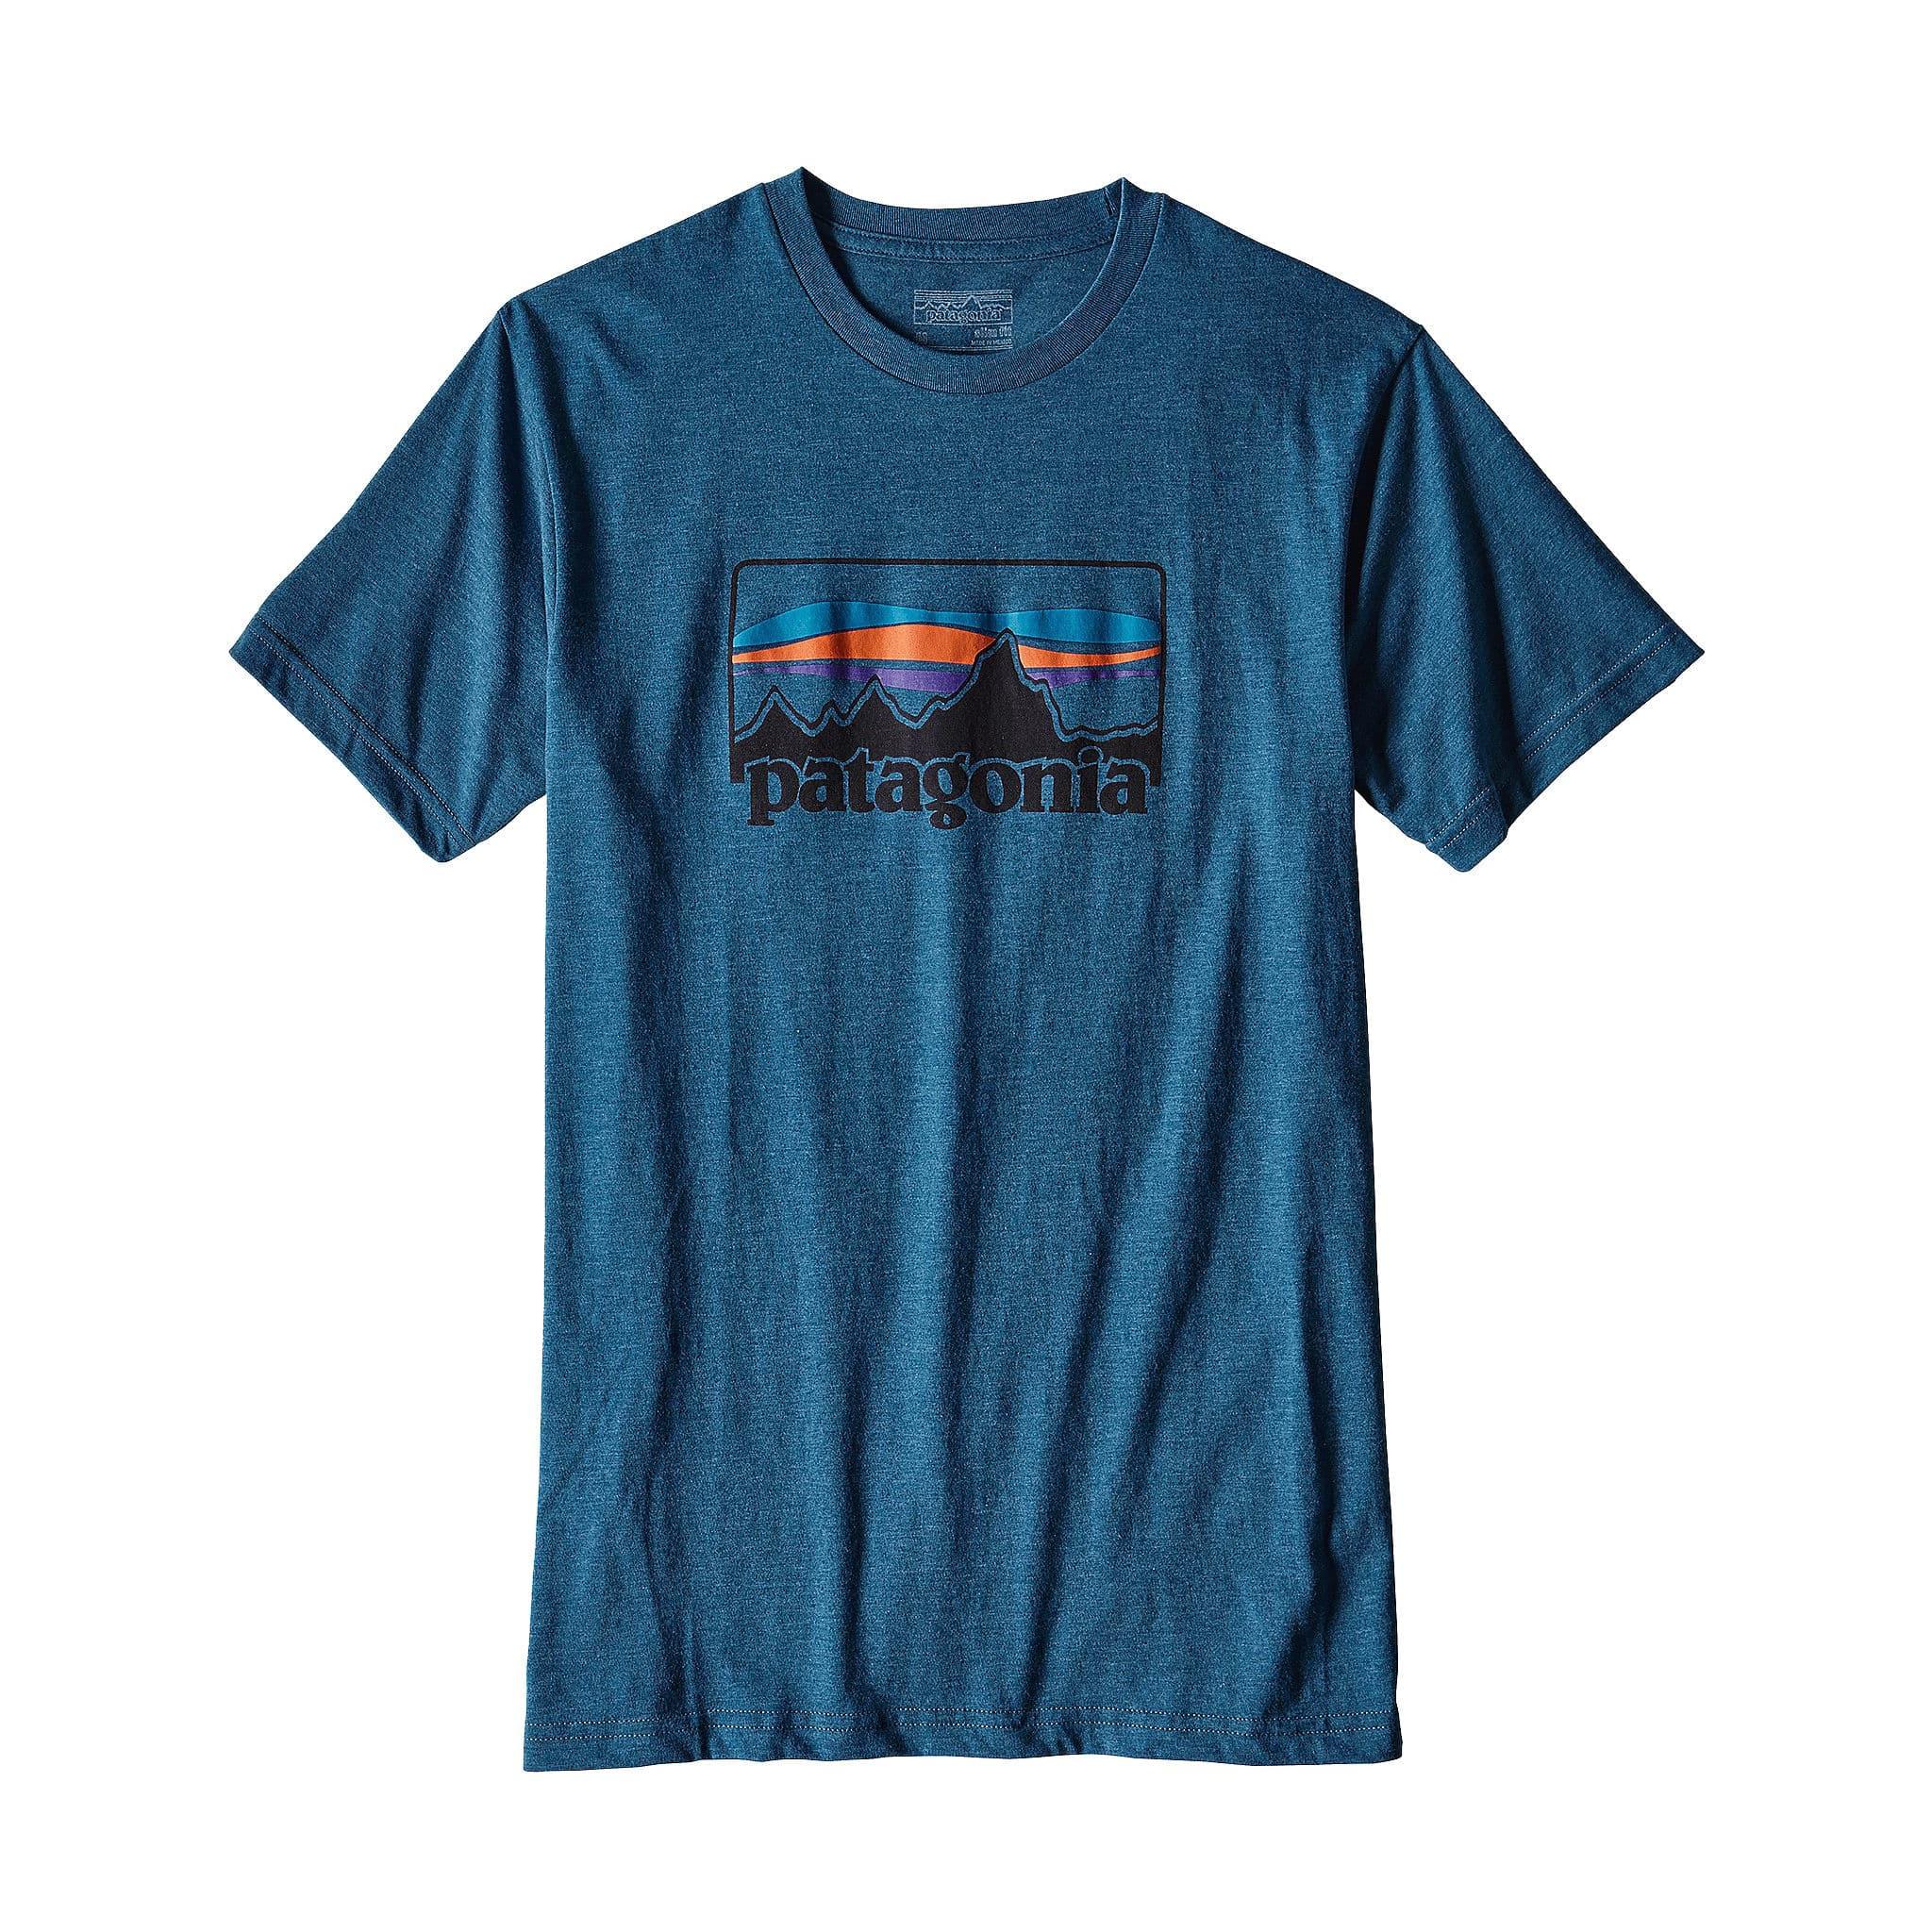 Tynn og lett t-skjorte laget av organisk bomull og resirkulert polyester